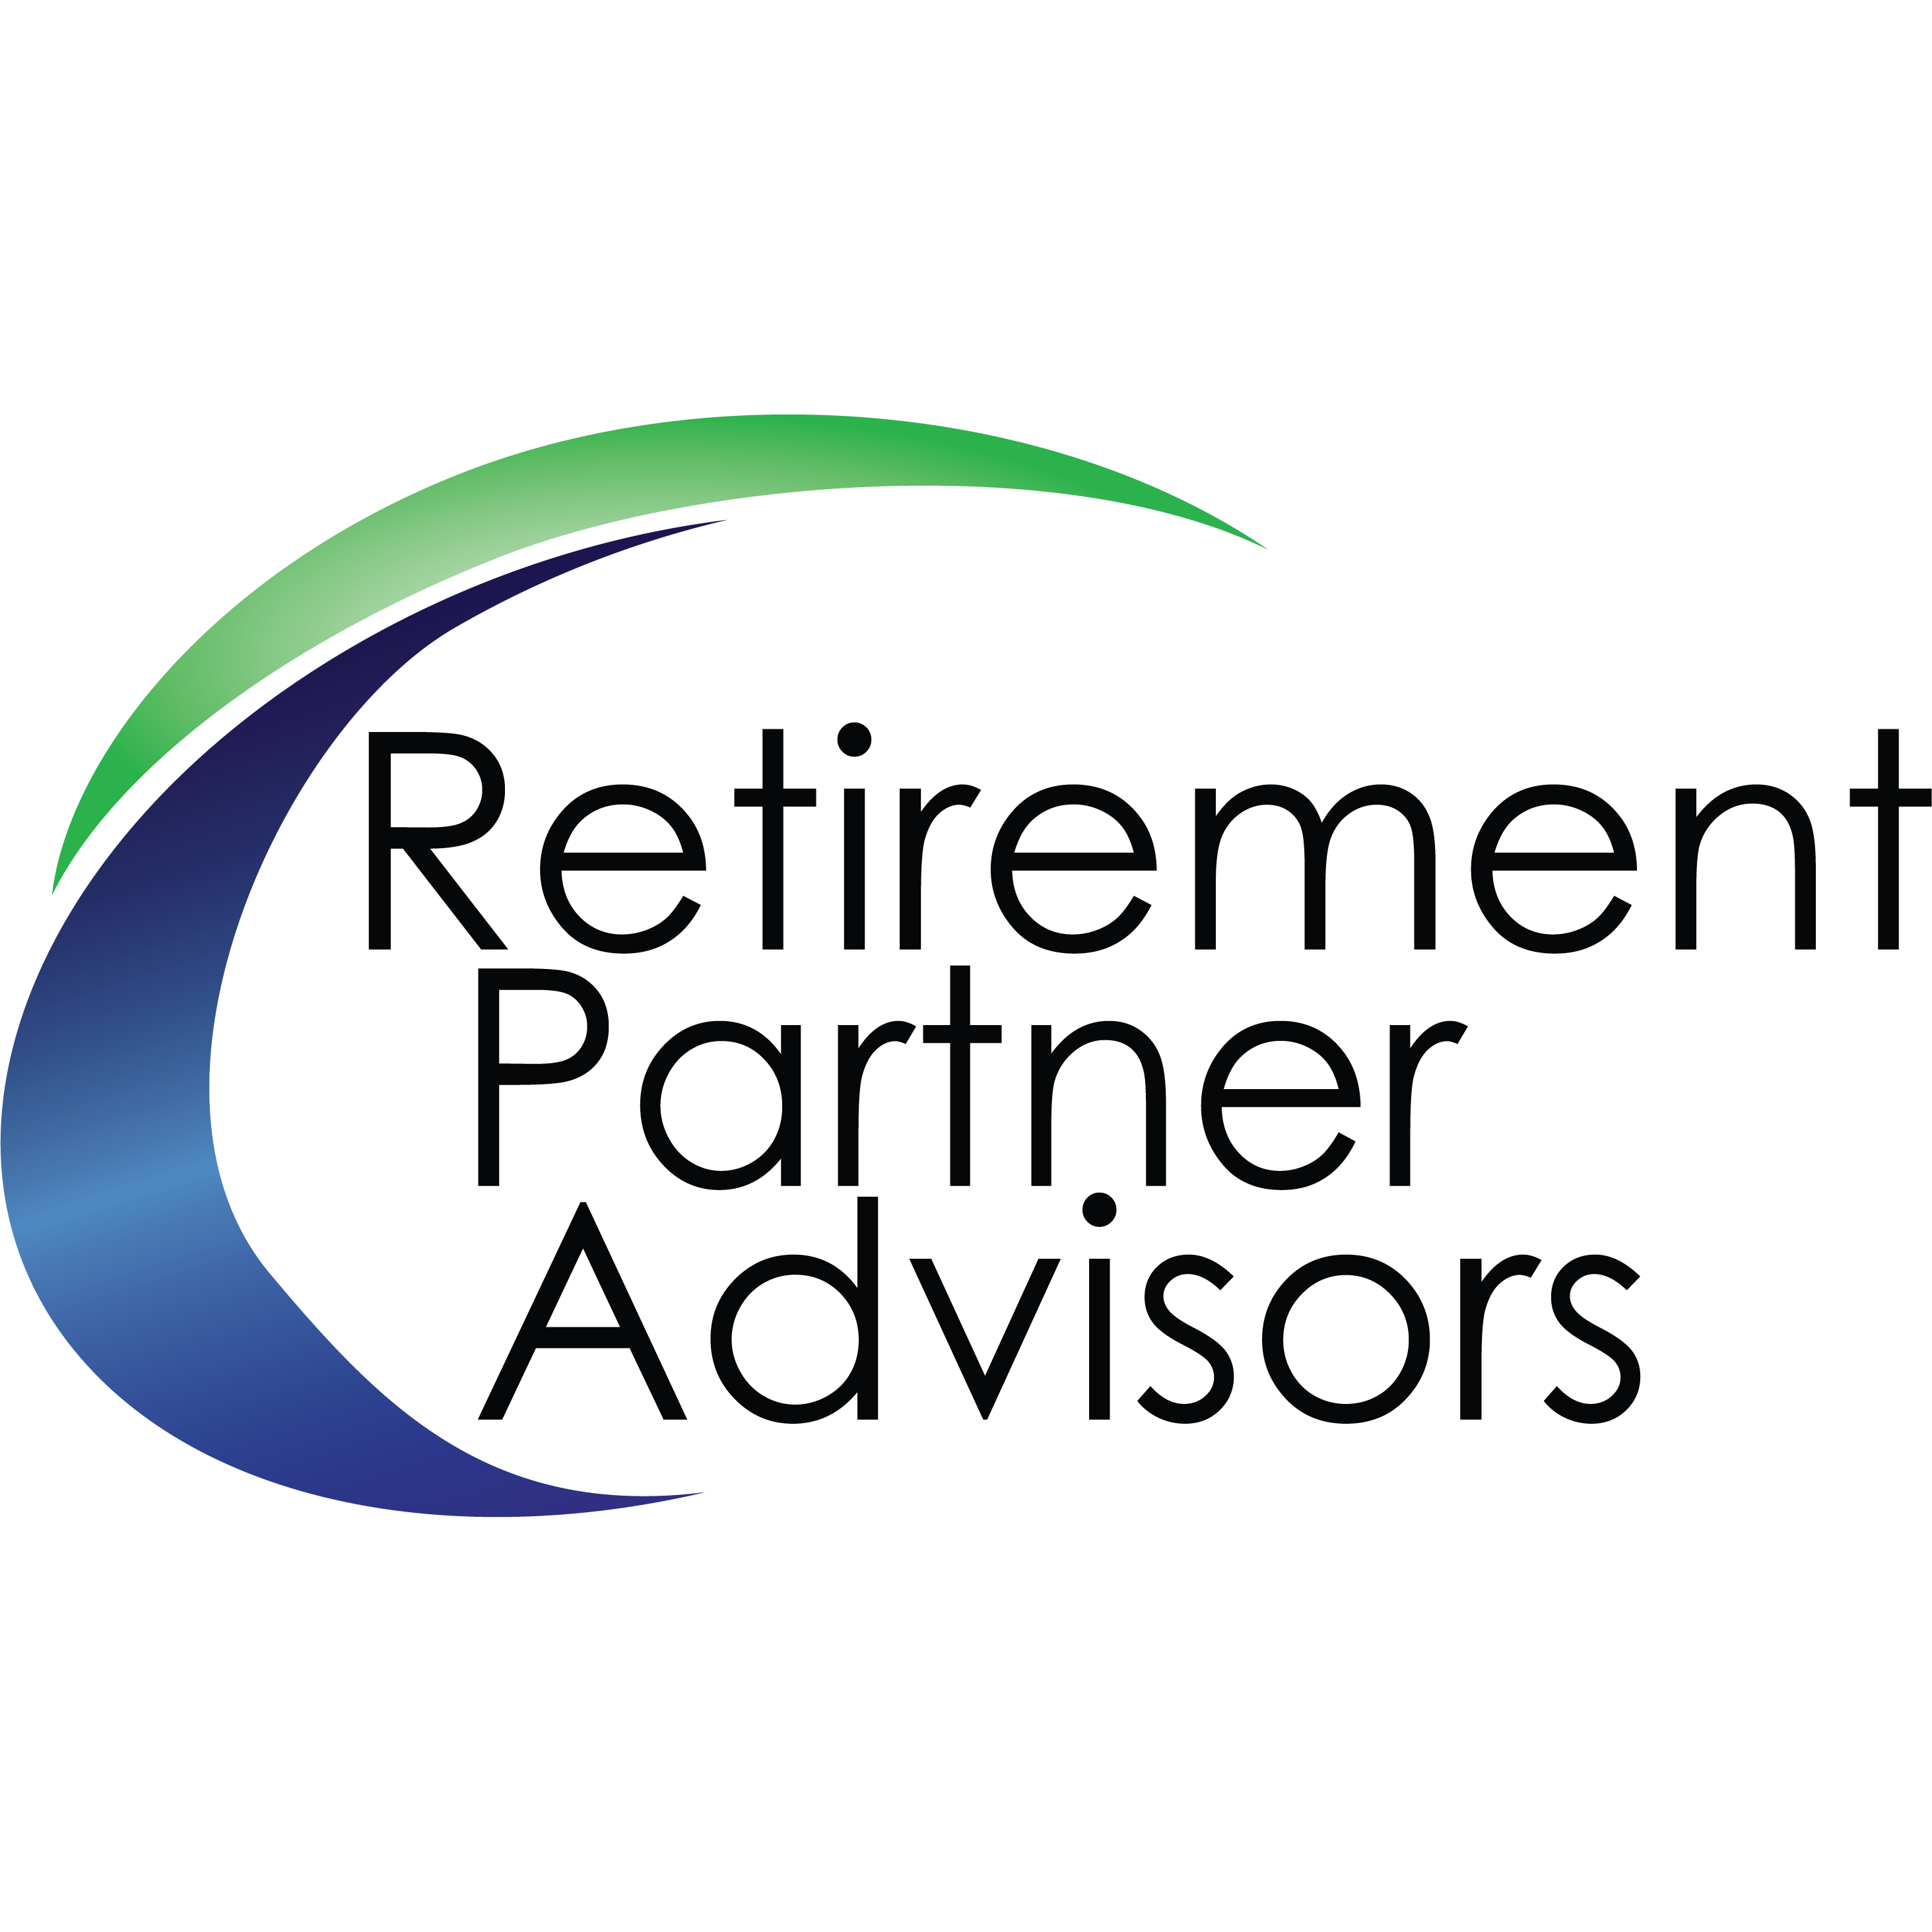 Retirement Partner Advisors